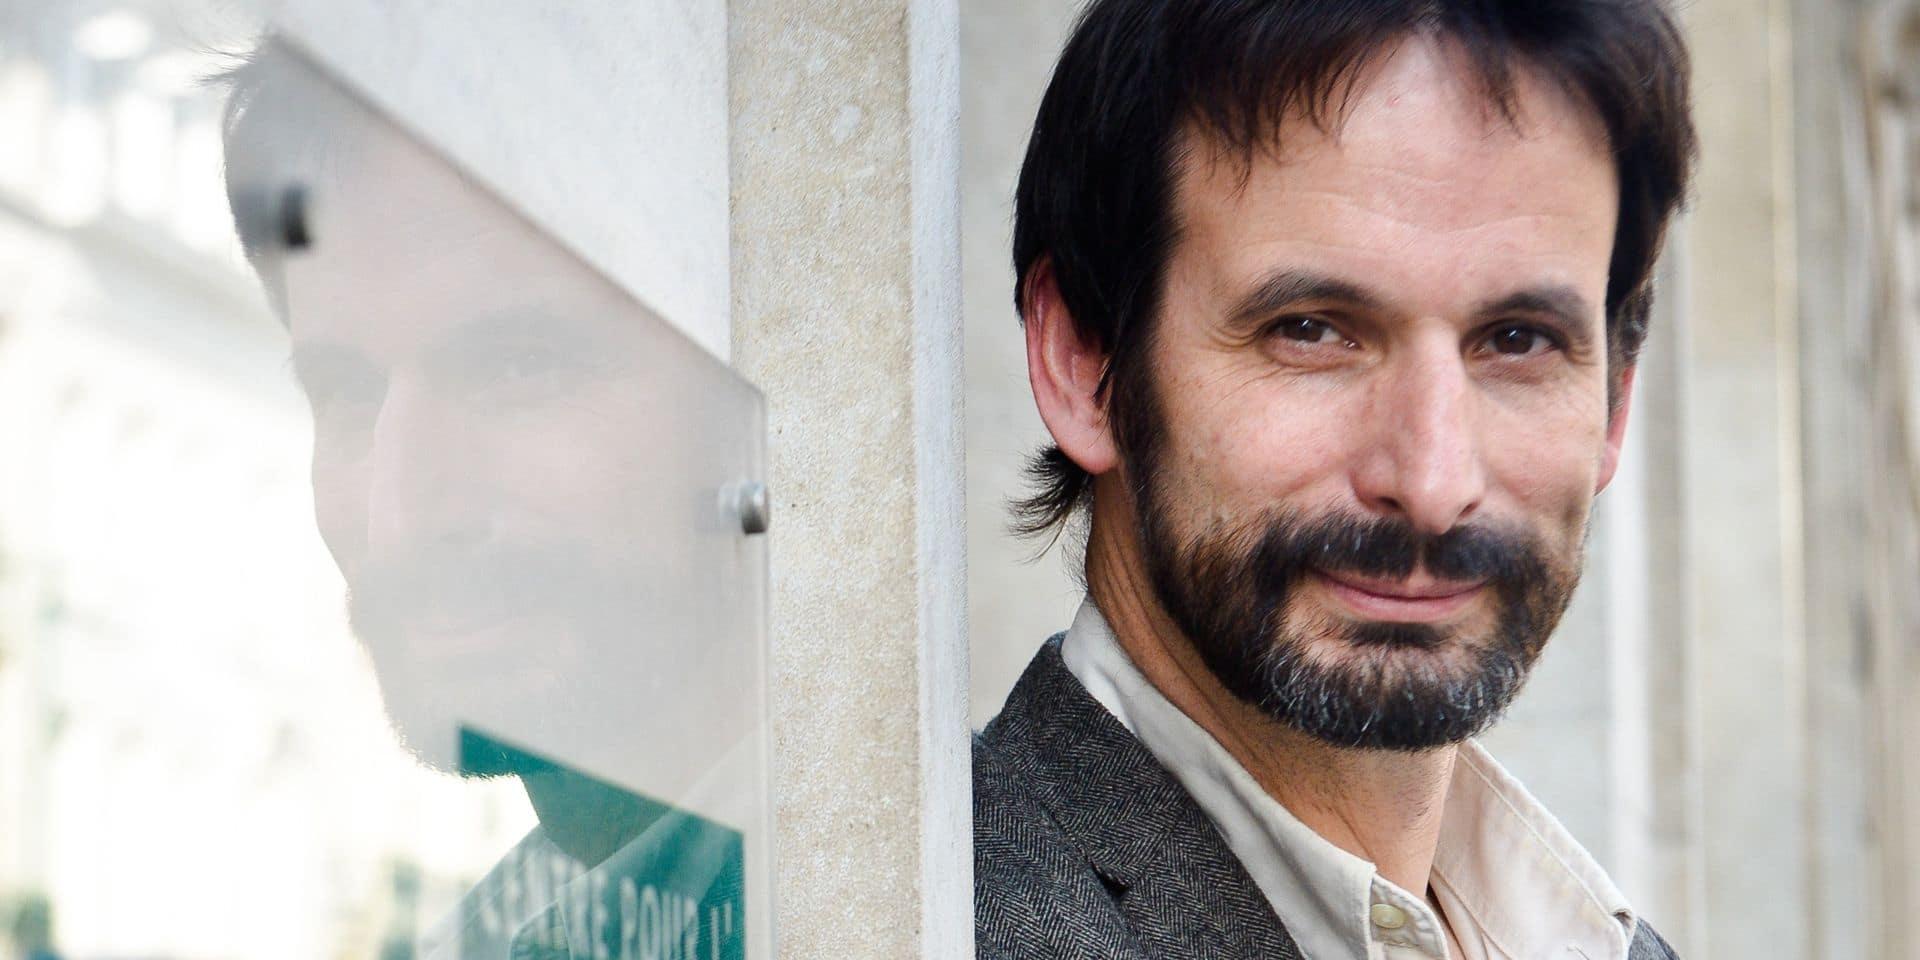 Bruxelles - Rue Royale: Patrick Charlier, directeur adjoint du Centre pour l'égalité des chances et la lutte contre le racisme